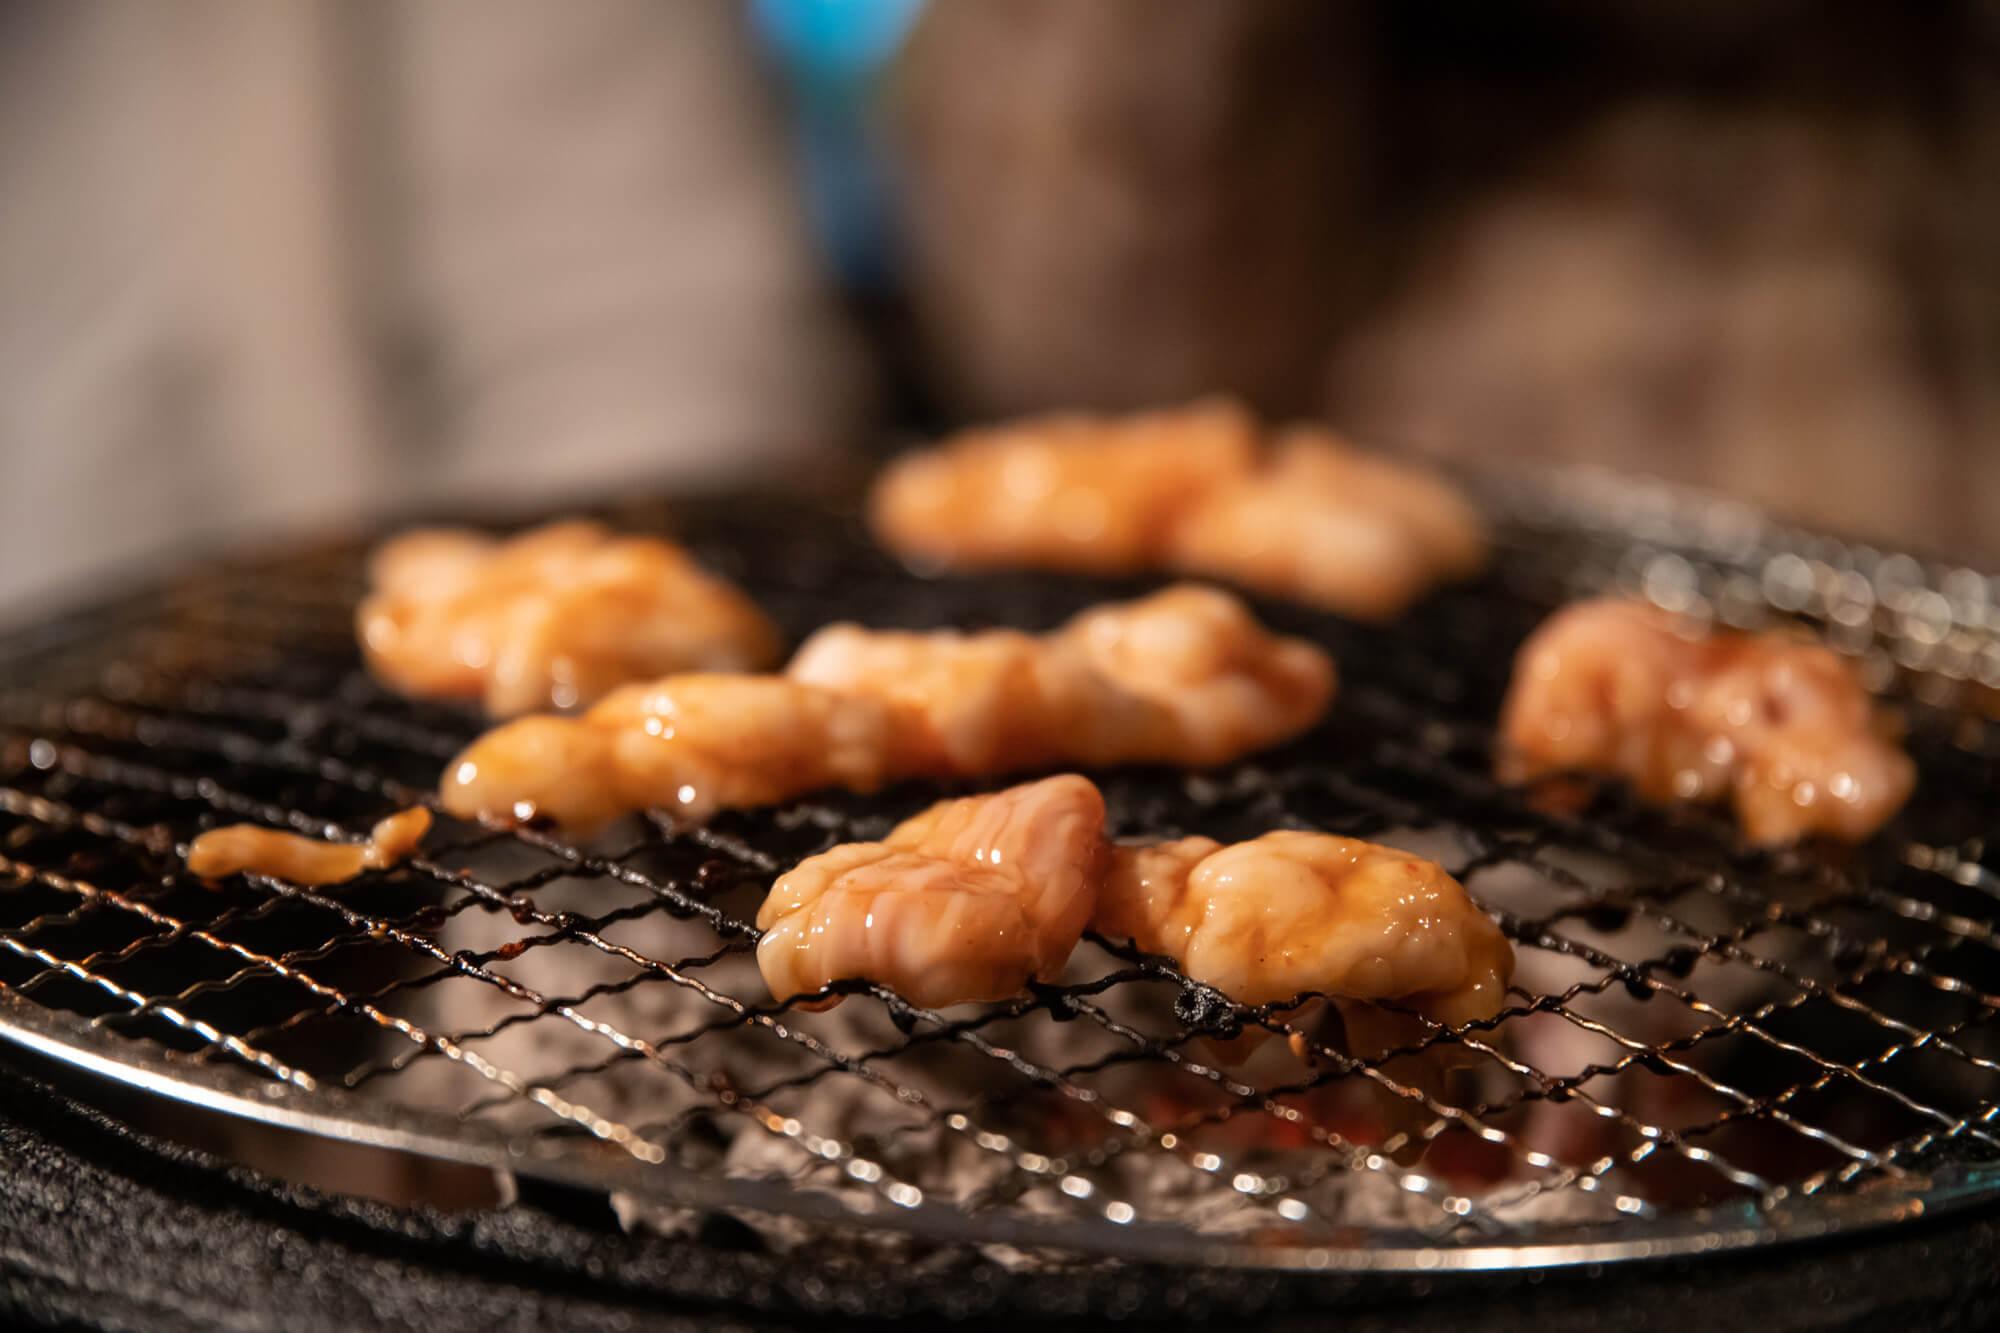 大阪 万両 焼肉